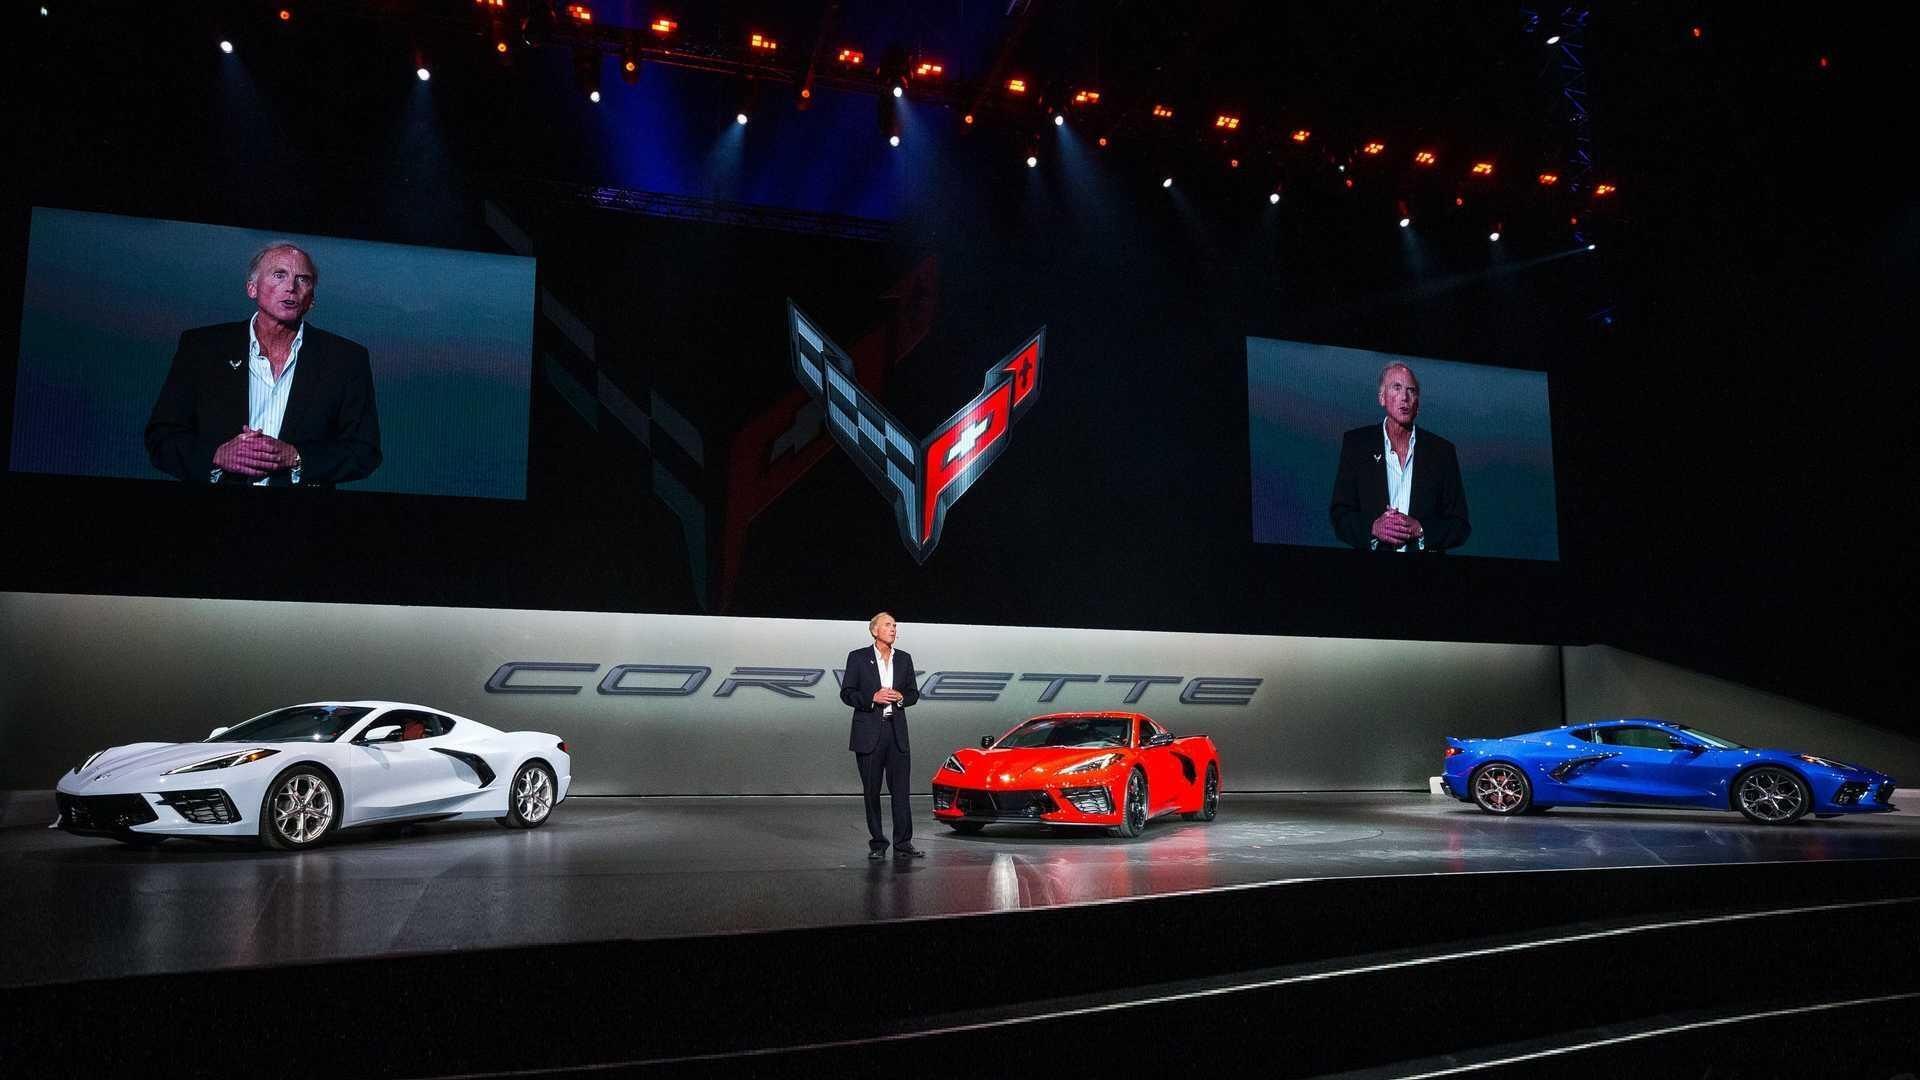 https://cdn.dailyxe.com.vn/image/chevrolet-corvette-2020-co-mot-so-tinh-nang-an-tuyet-voi-29-94529j2.jpg